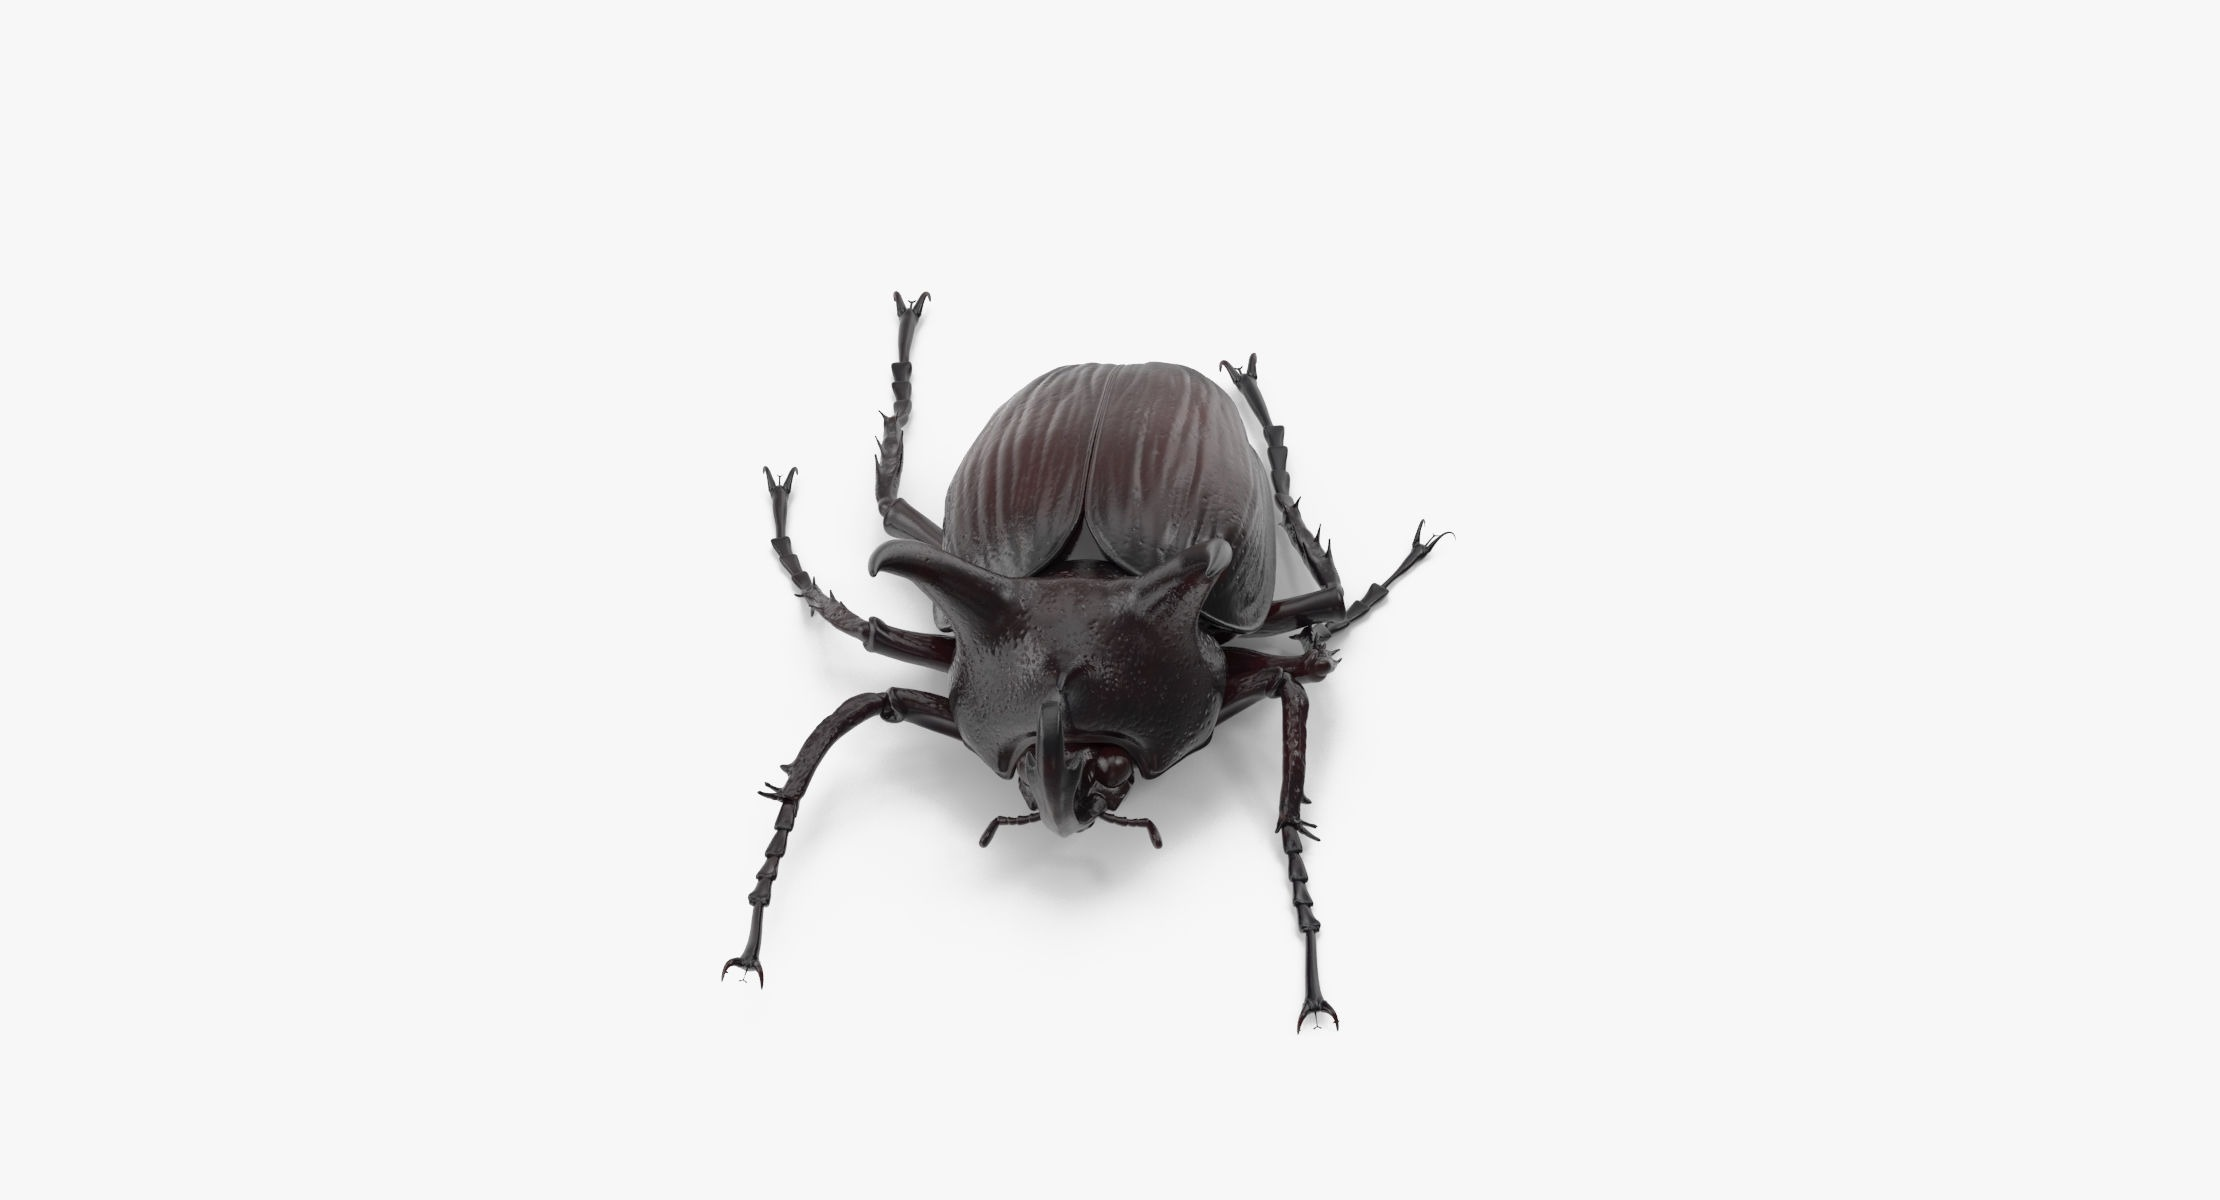 Rhinoceros Beetle Pose 01 - reel 1